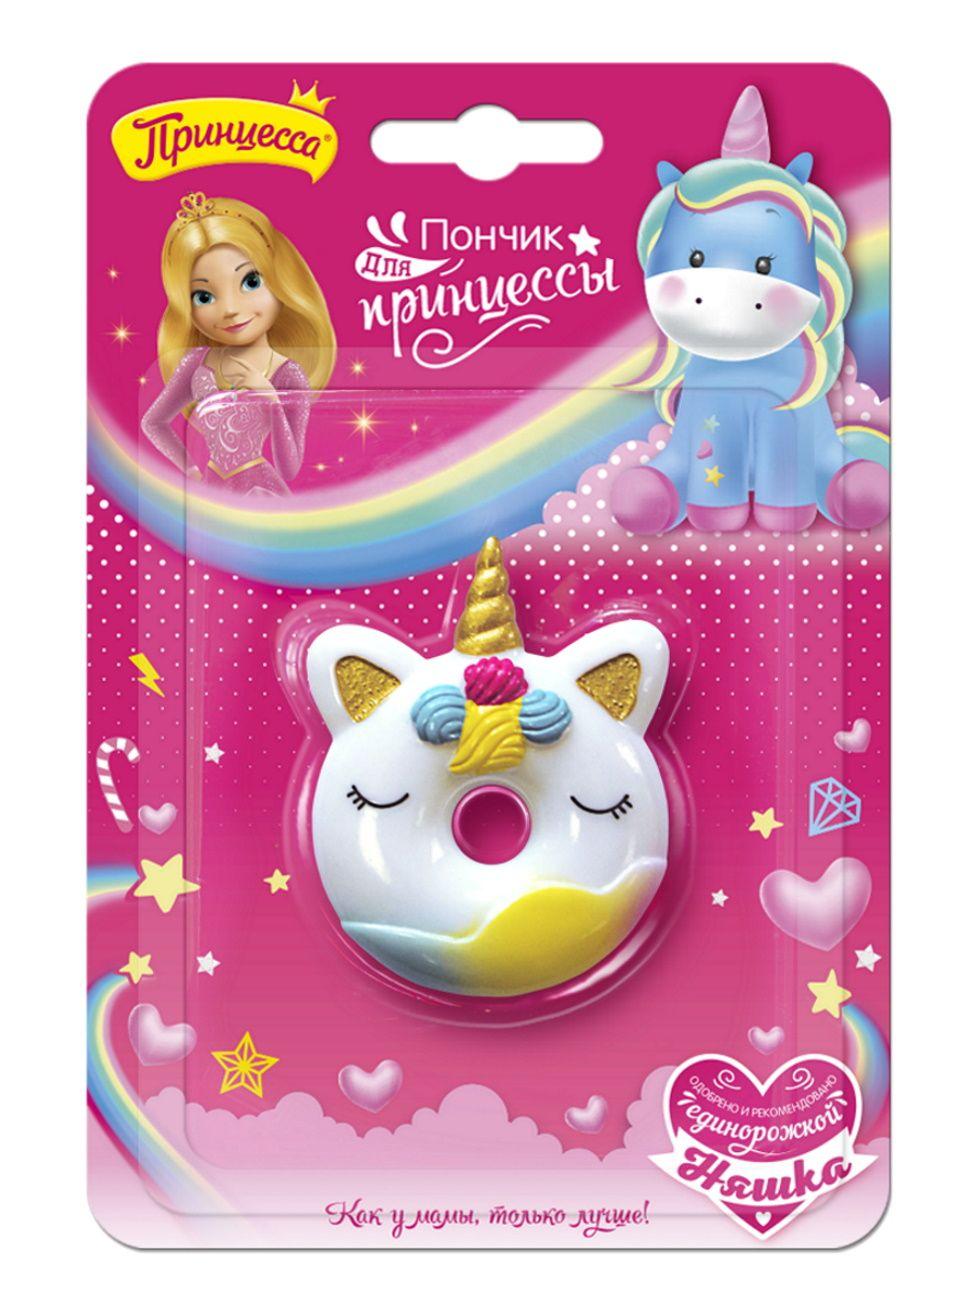 Купить Набор декоративной косметики Принцесса Пончик для Принцессы, Наборы детской косметики